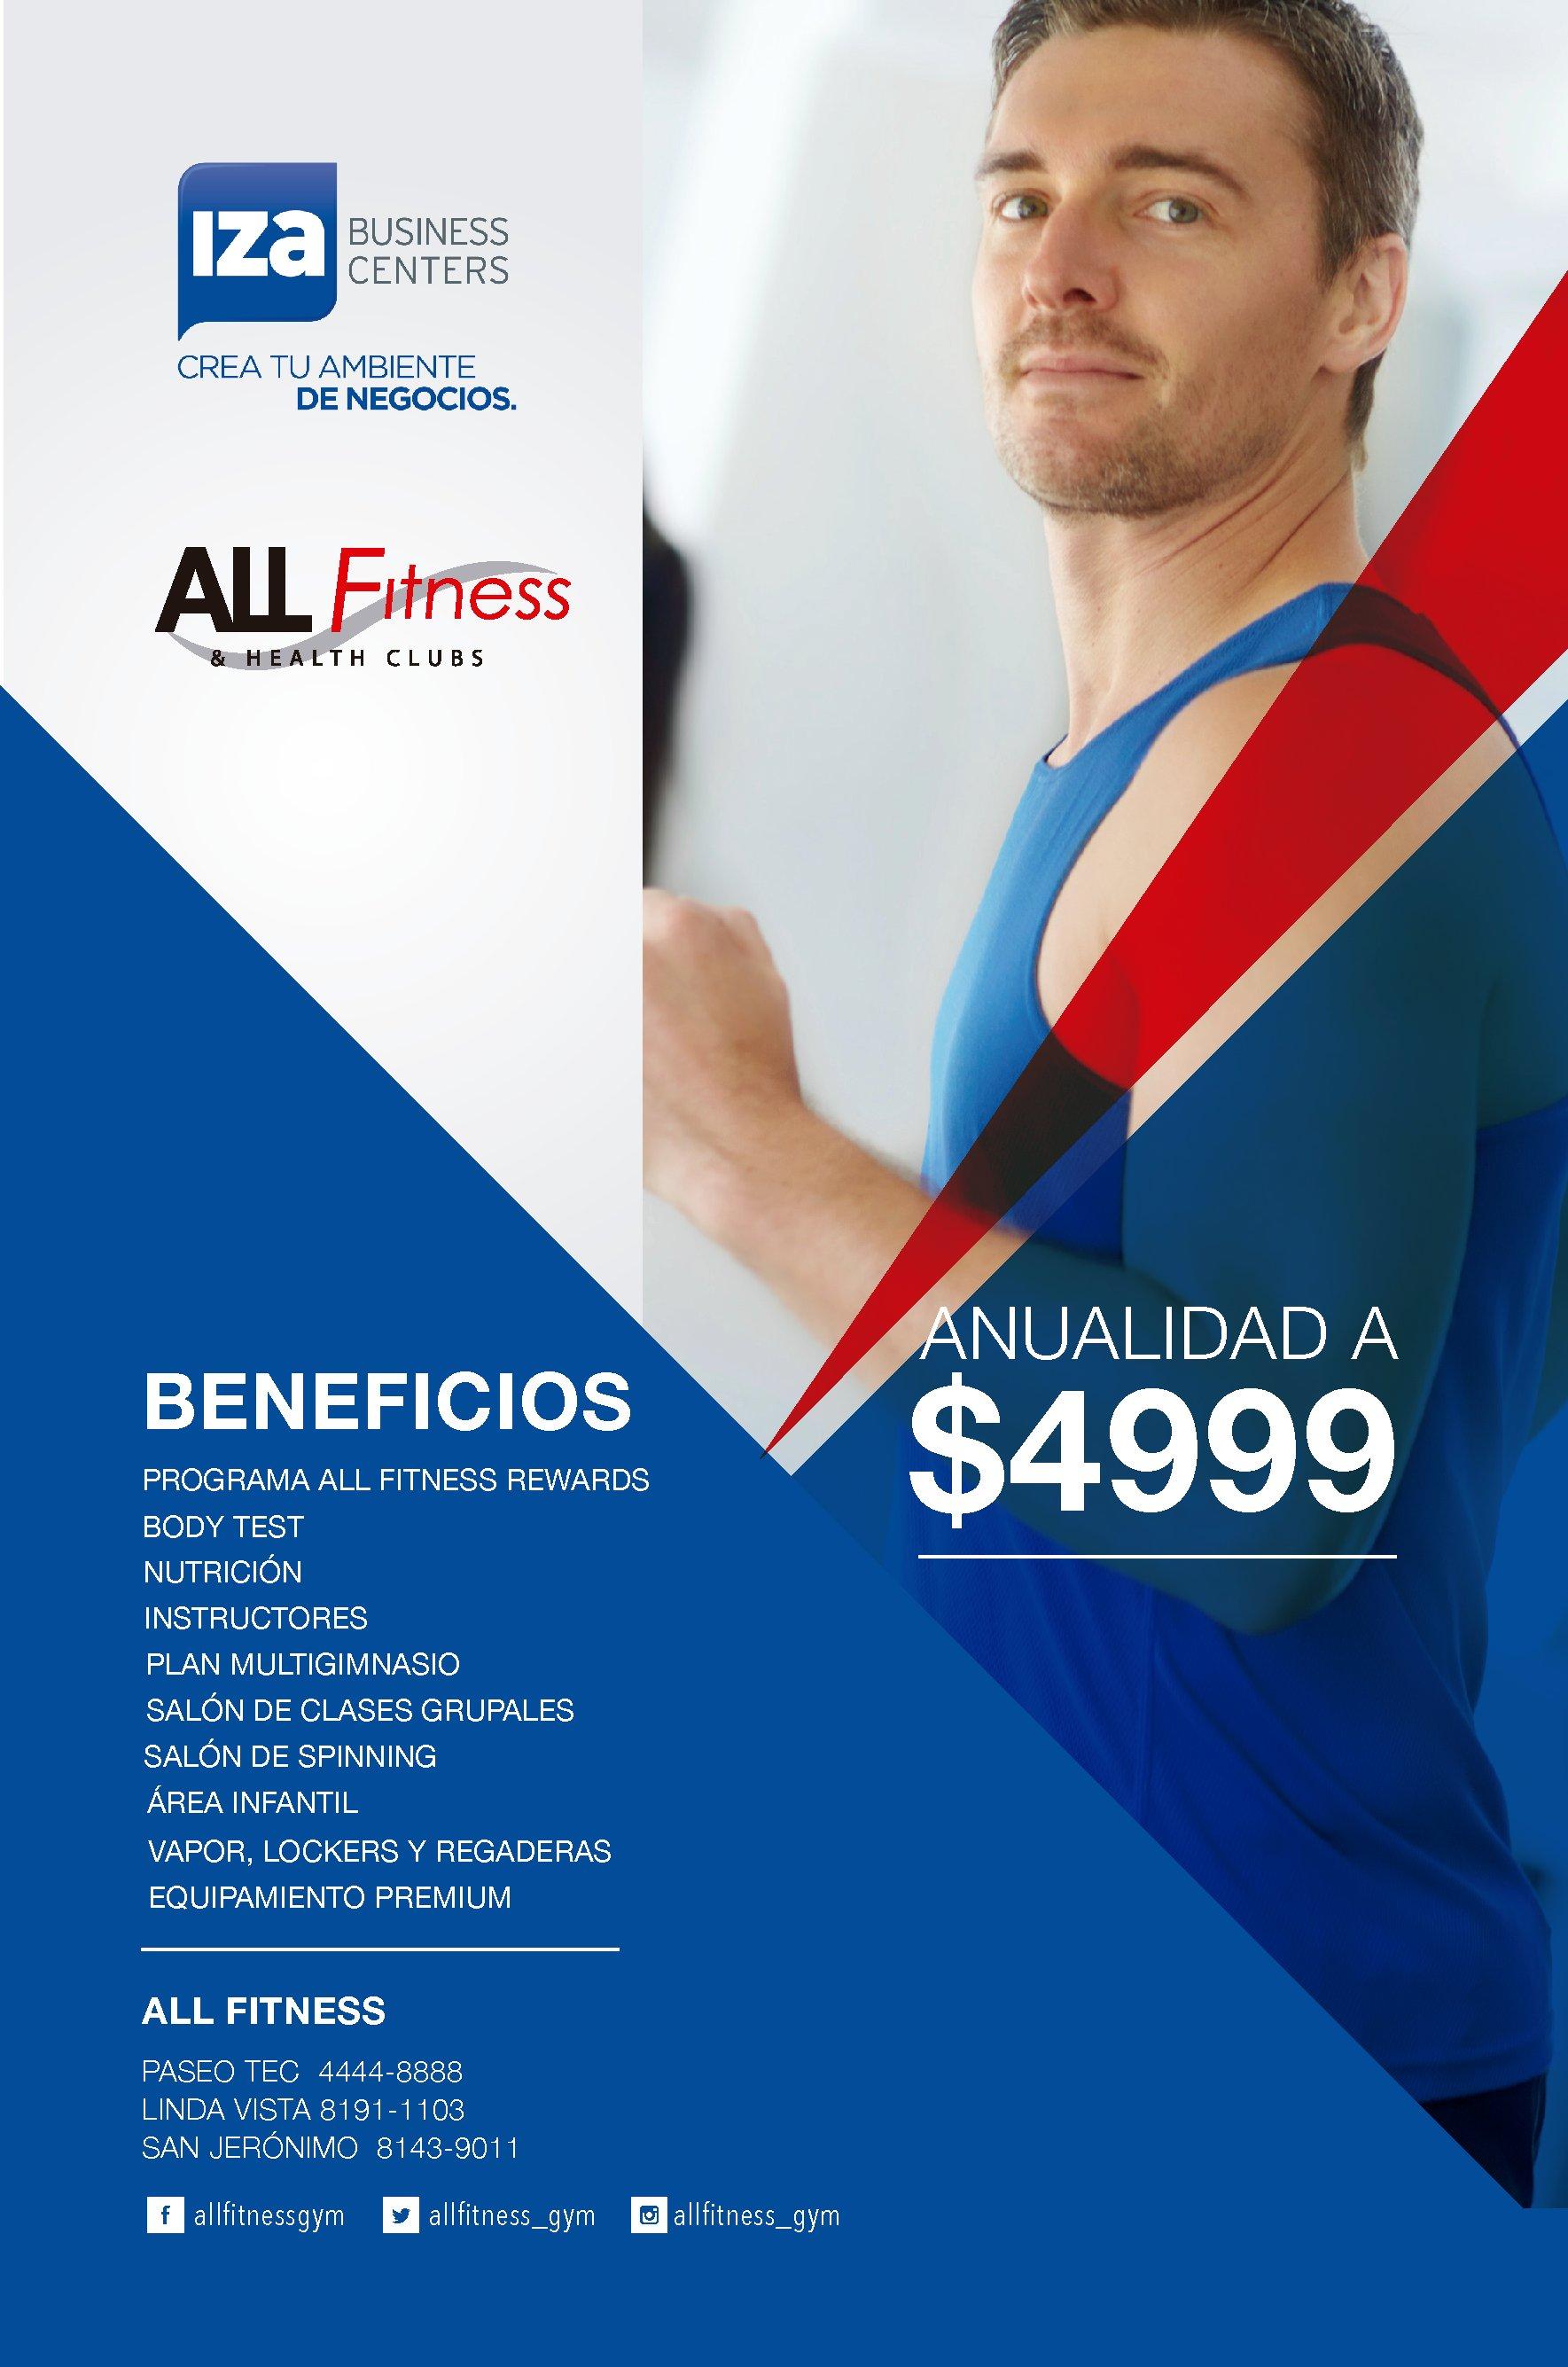 All Fitness beneficios cliente IZA BC (2)-1